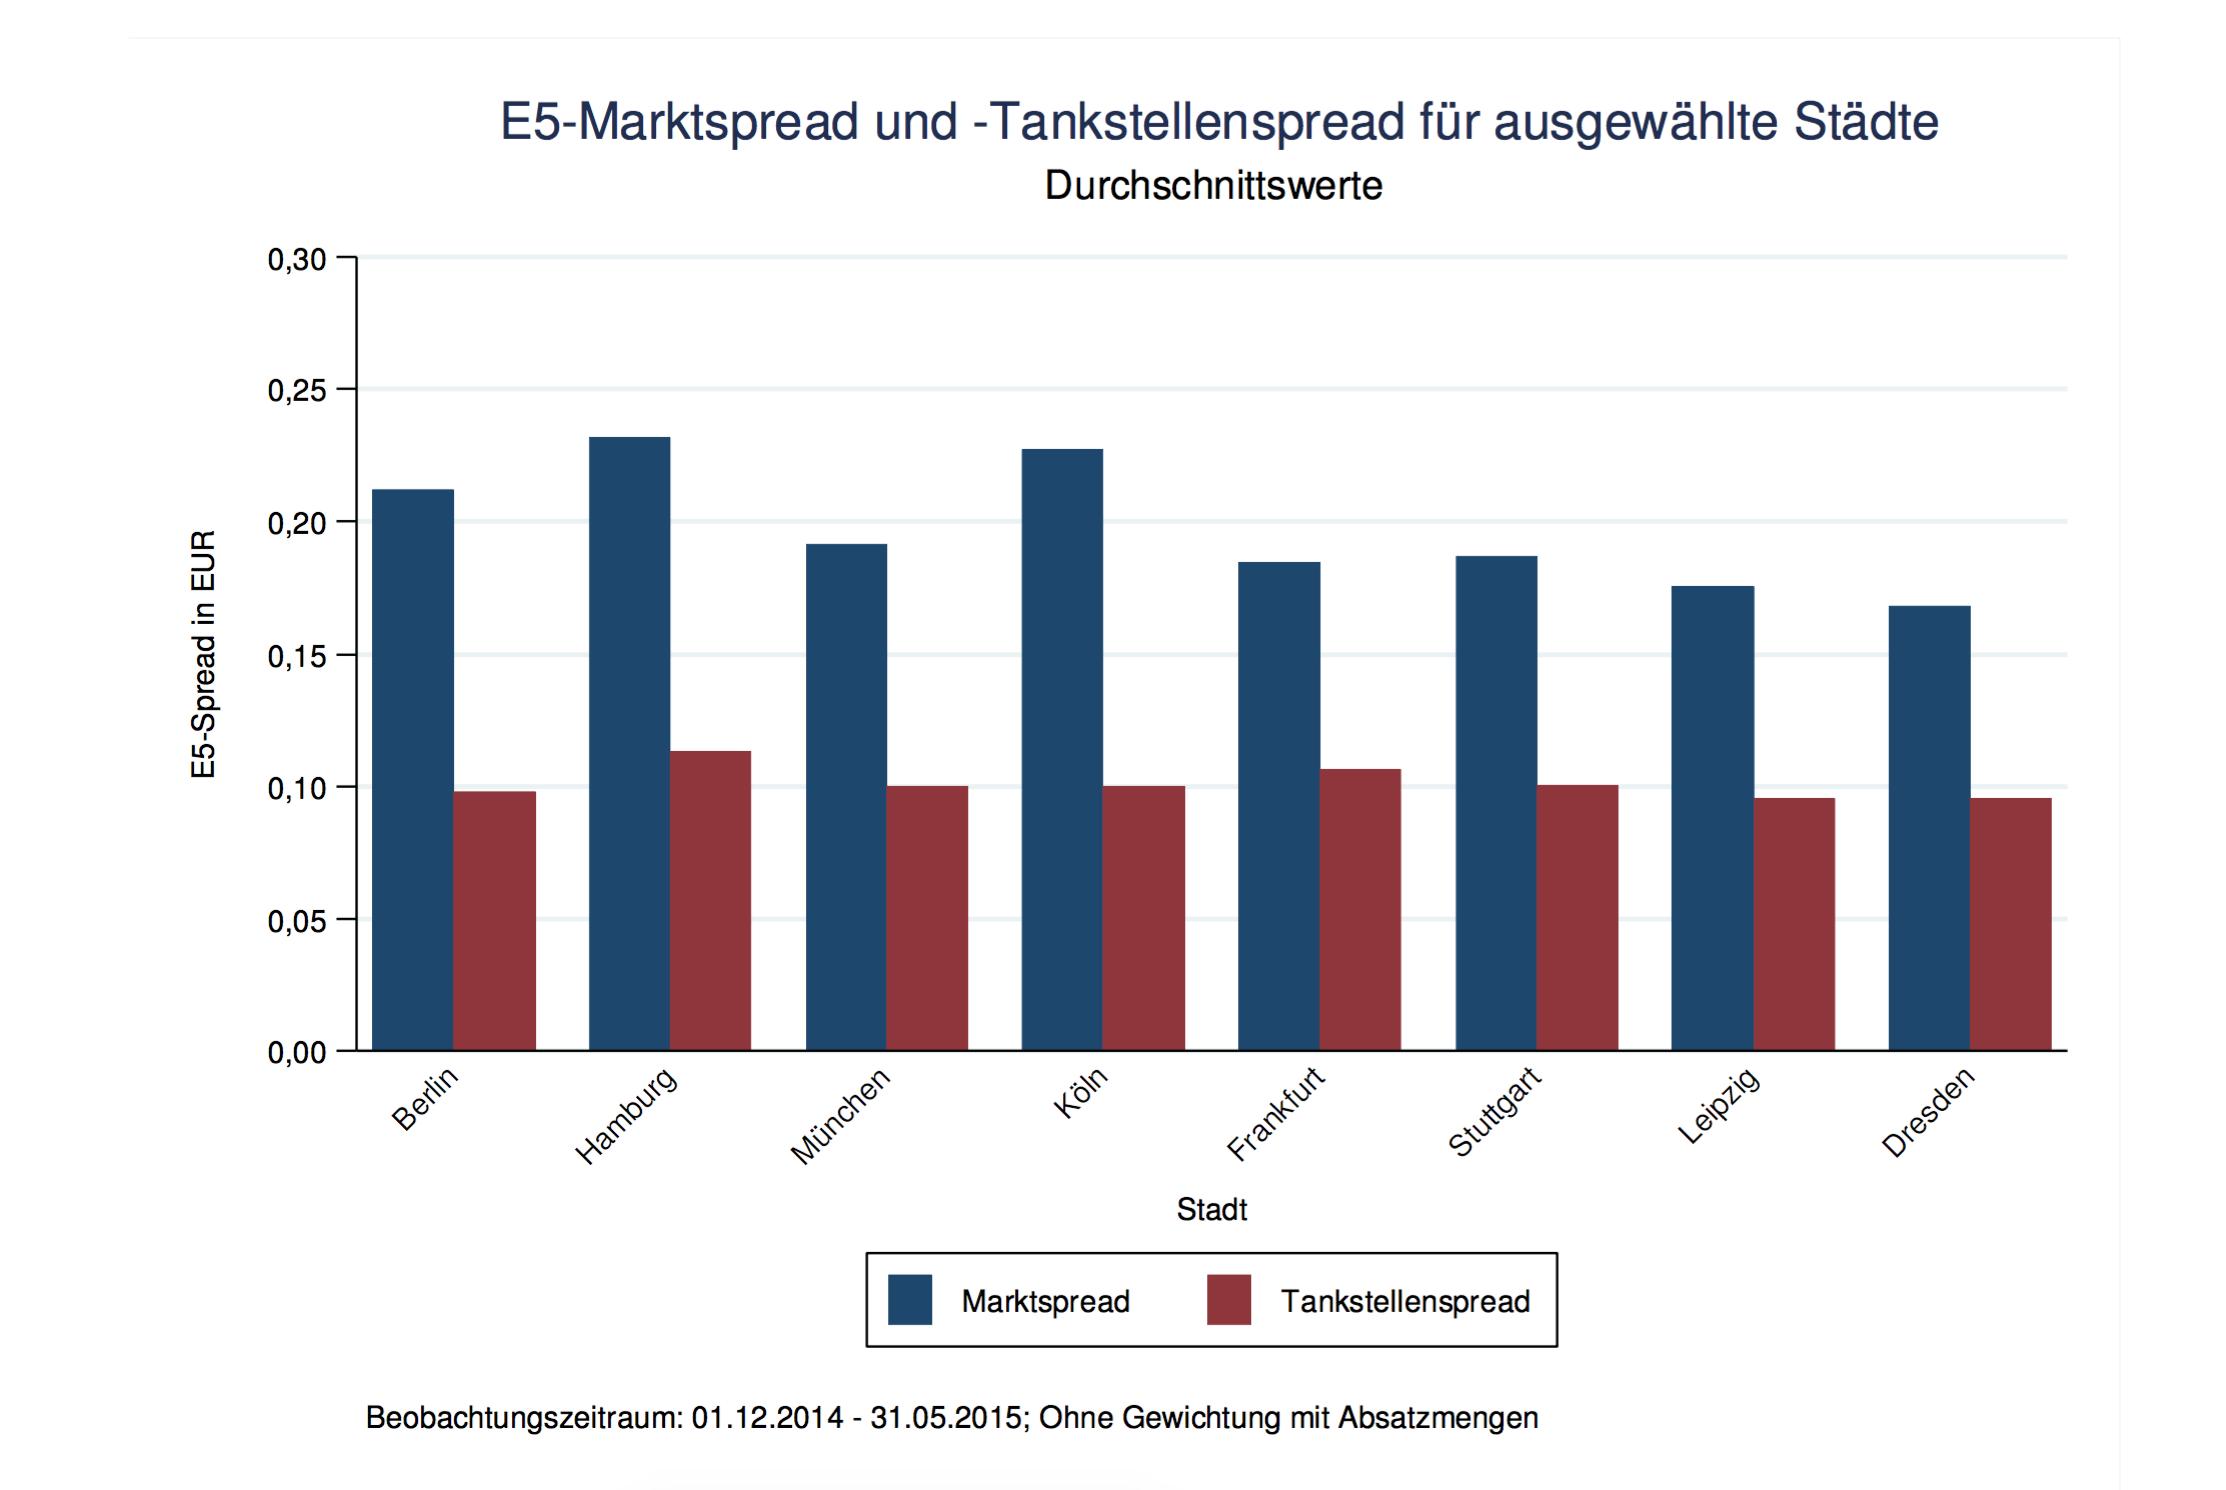 Tankstellen Preisdifferenz und Preisschwankung 2015, Statistik und Grafik von MTS-K